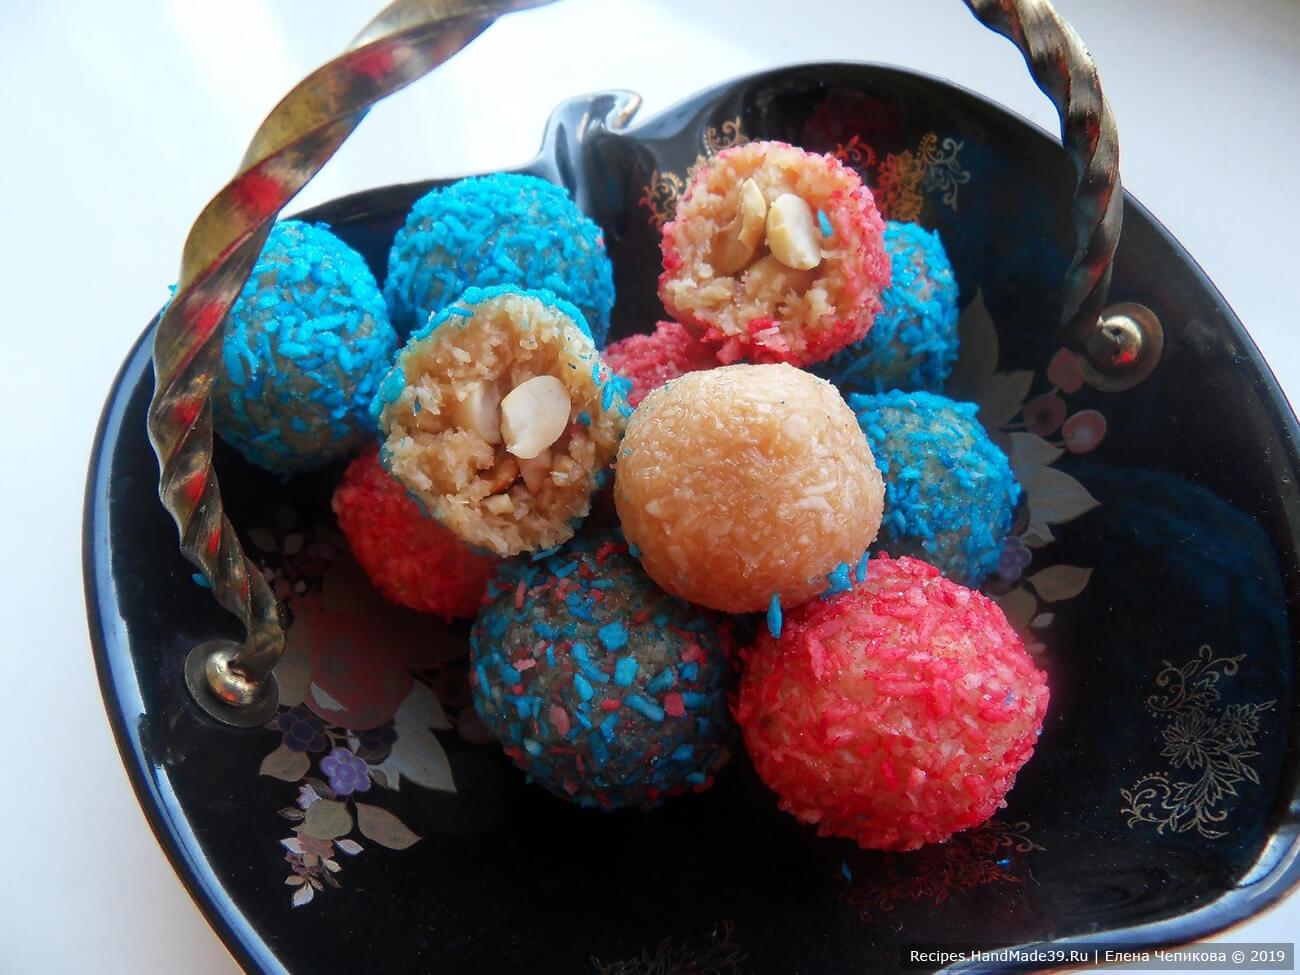 До подачи держать домашние конфеты «Rafaello» в холодильнике, приятного аппетита!